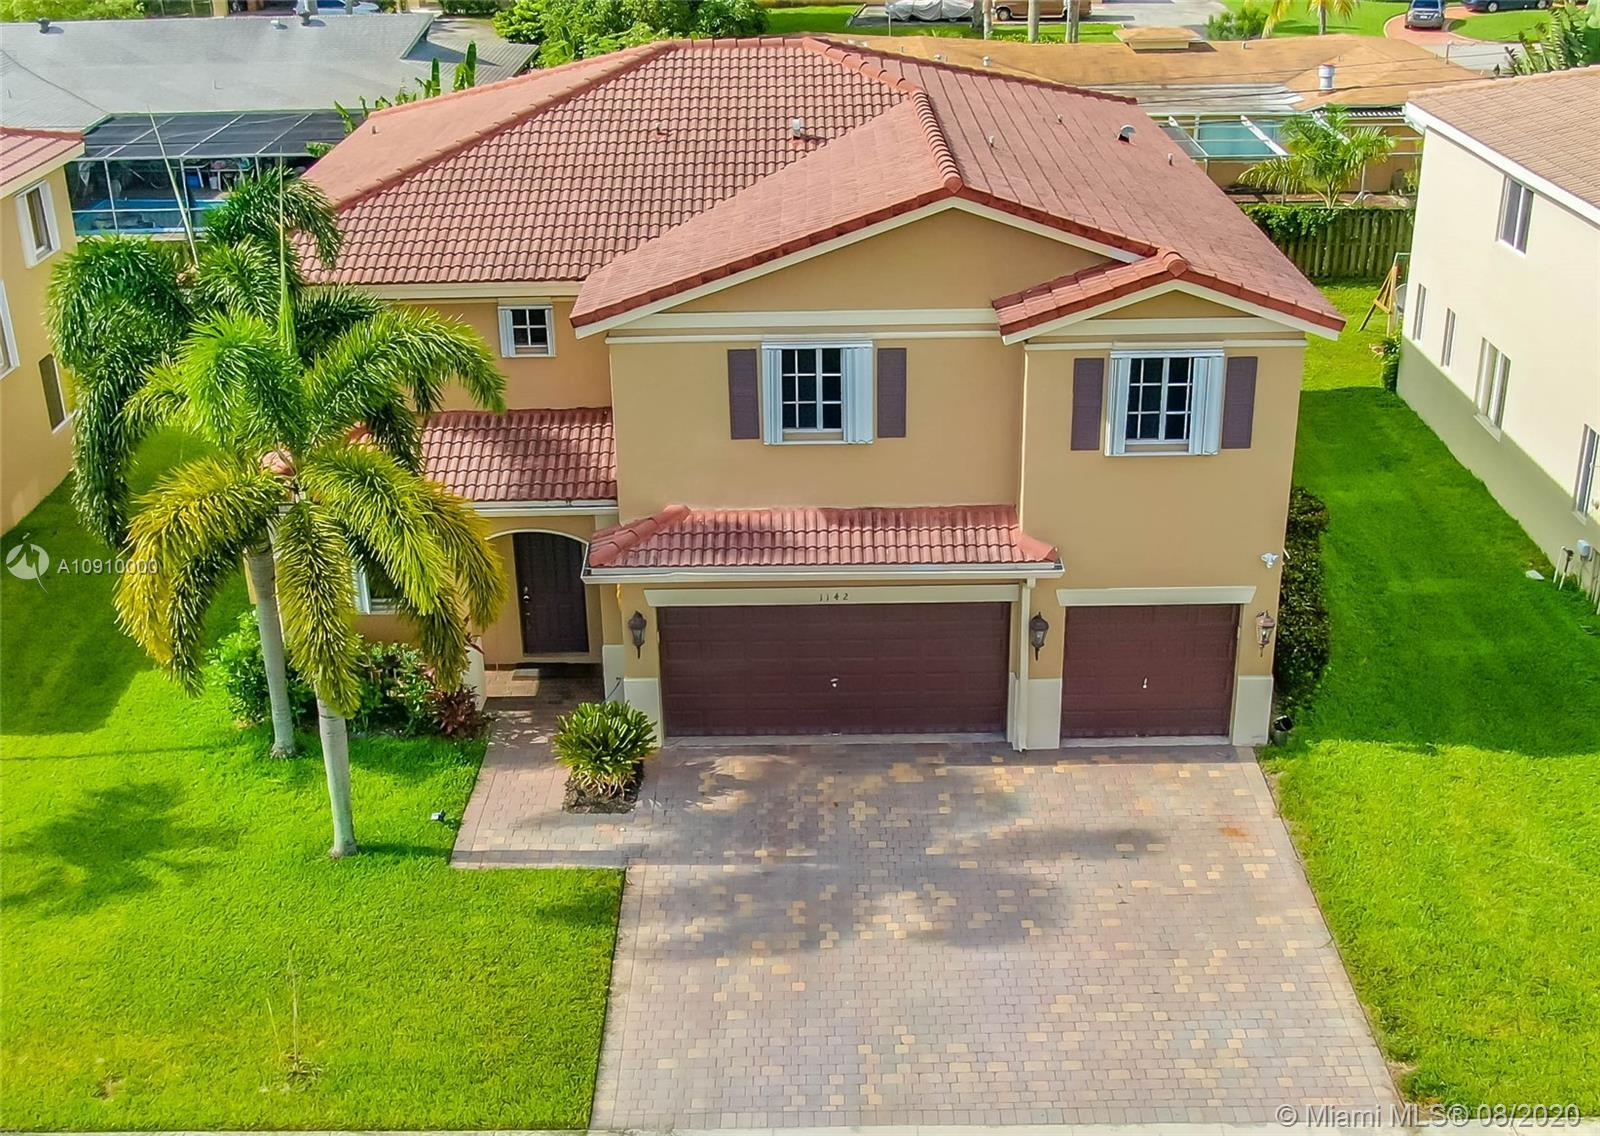 Country Club Estates - 1142 NW 204th St, Miami Gardens, FL 33169